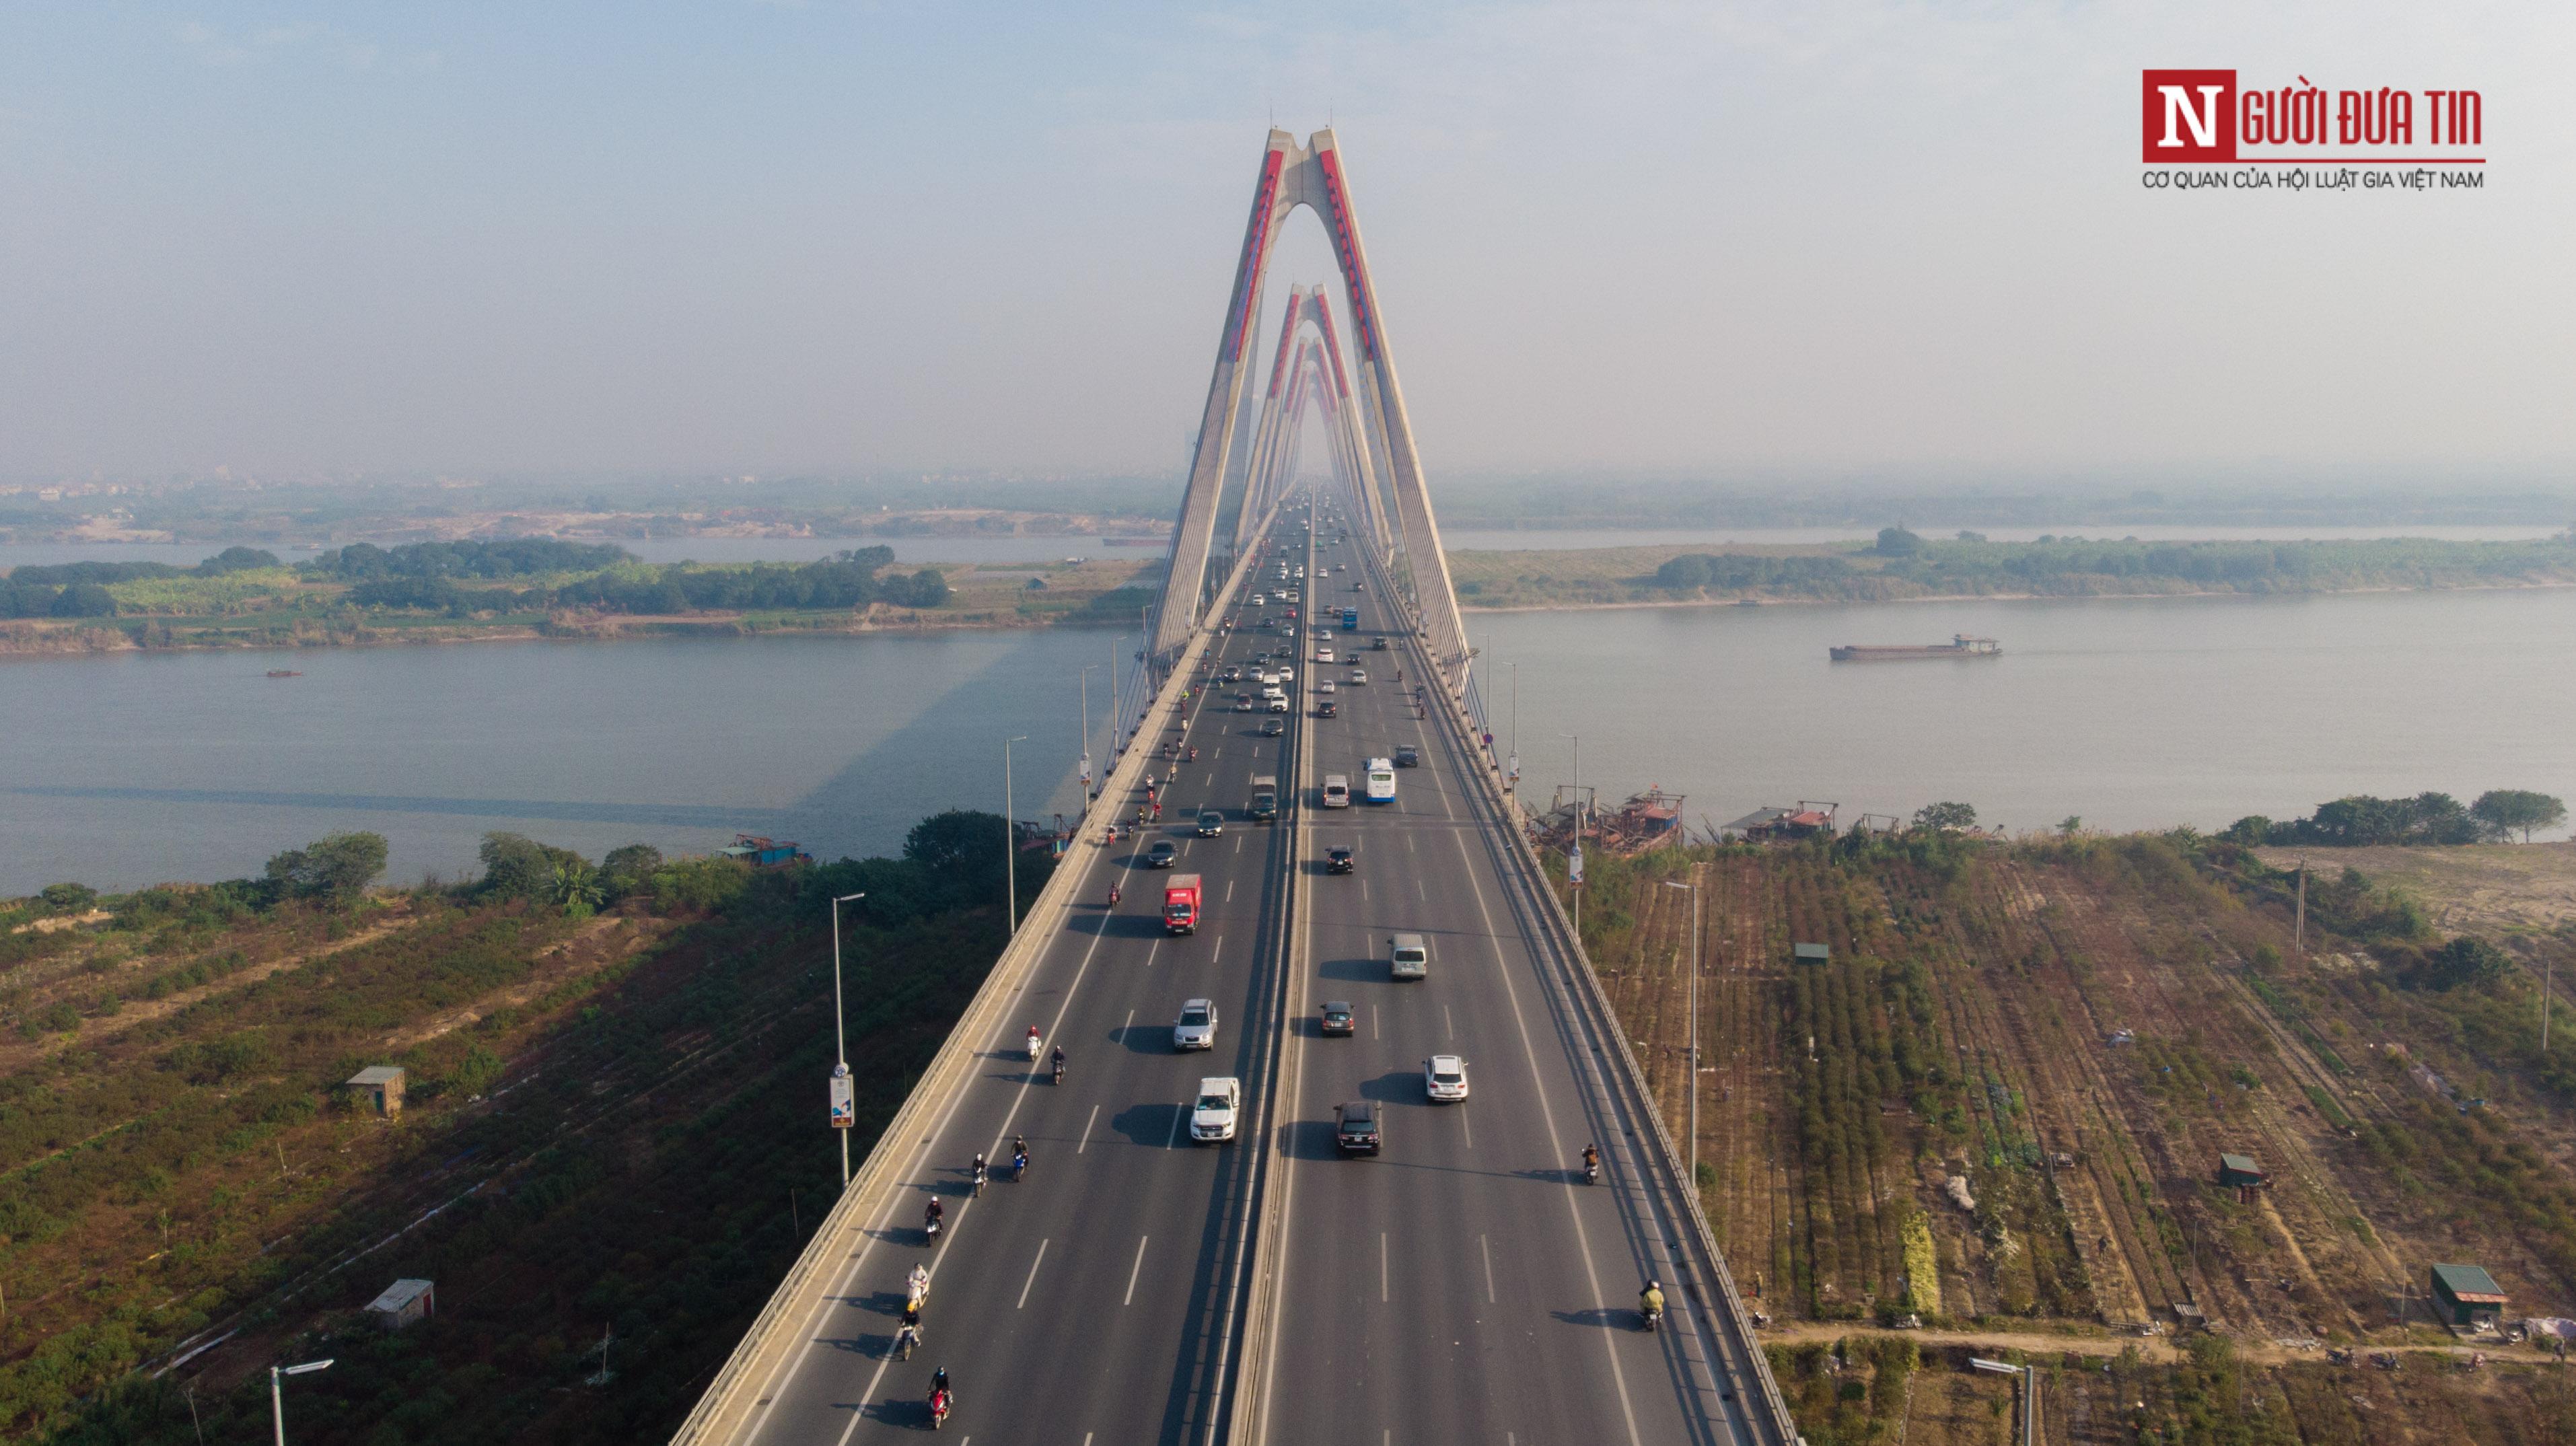 Tin nhanh - Chiêm ngưỡng 6 cây cầu bắc qua sông Hồng nối trung tâm Hà Nội (Hình 17).